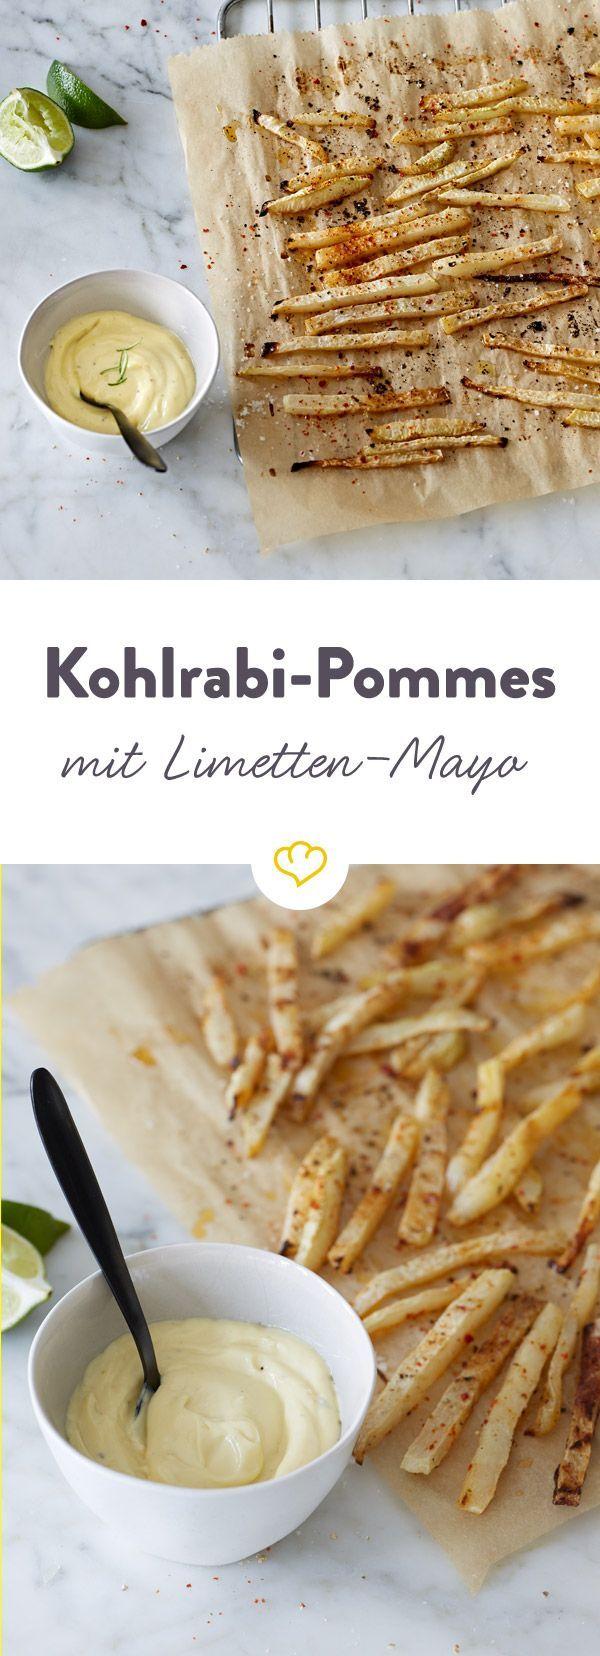 Der perfekte Low-Carb Snack für Zwischendurch: Kohlrabi-Pommes mit Limetten-Mayonnaise machen den altbewährten Kartoffel-Fritten Konkurrenz.